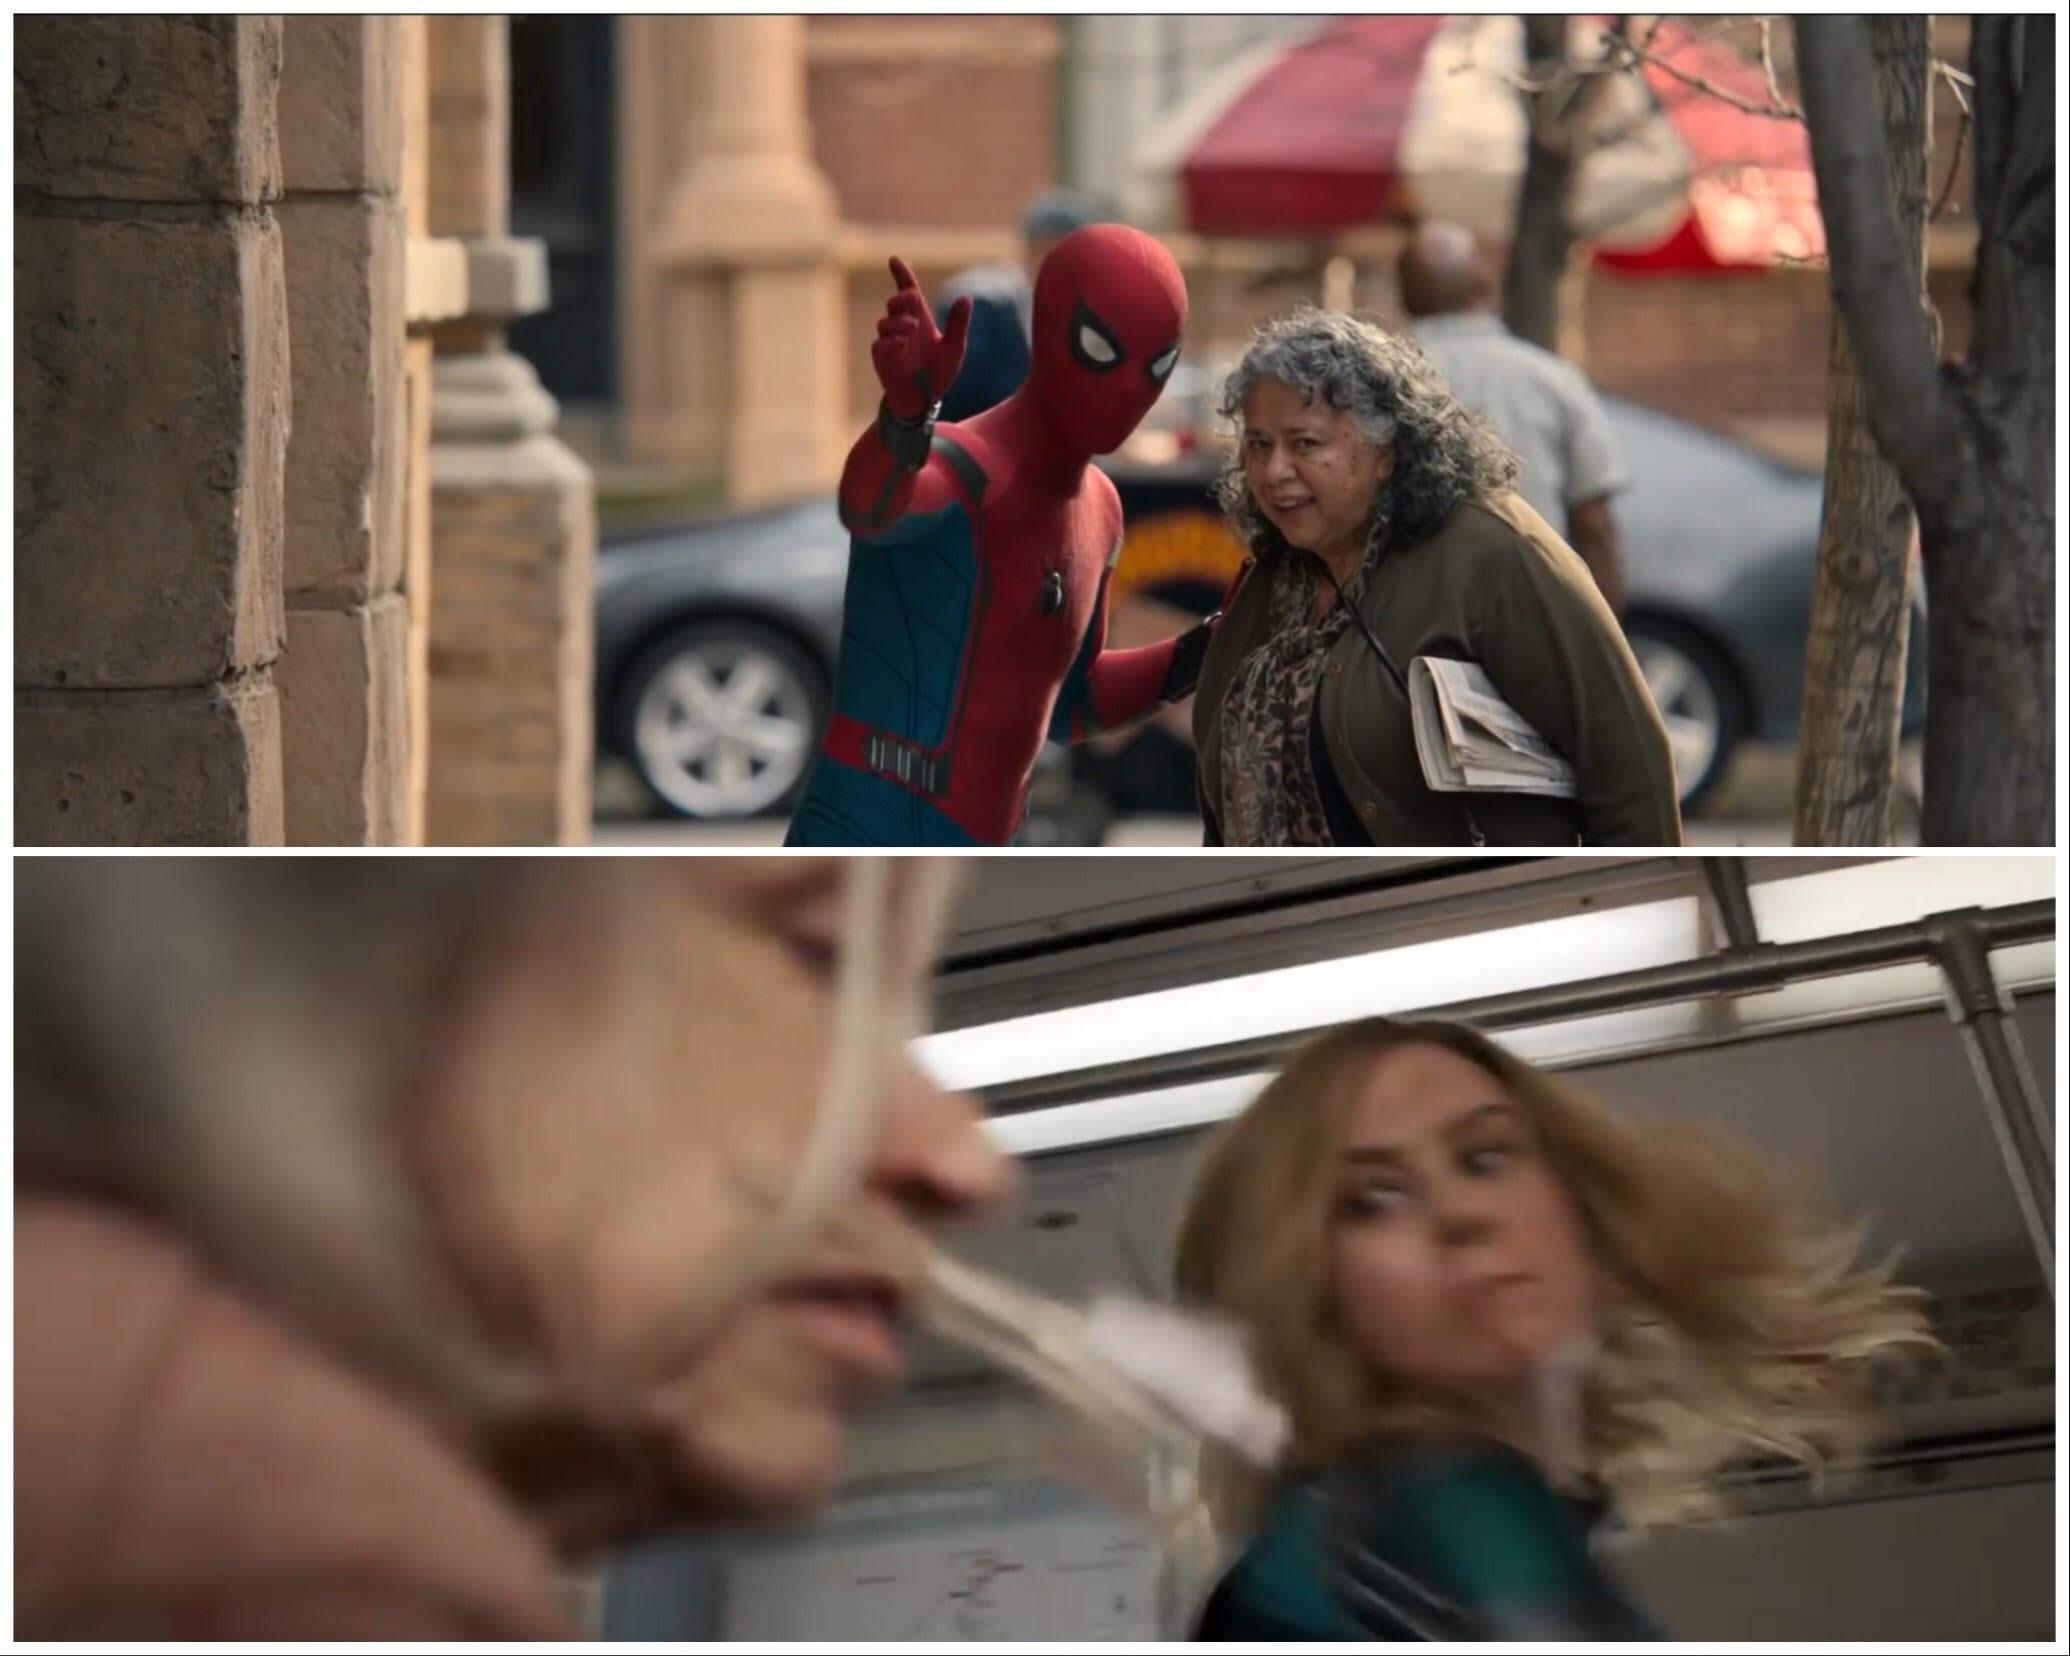 The difference between Spider-Man and Captain Marvel : 同じマーベルのキャラクターでも大きく異なるスパイダーマンとキャプテン・マーベルを並べて、その違いを一目瞭然にしてみた写真 ! !